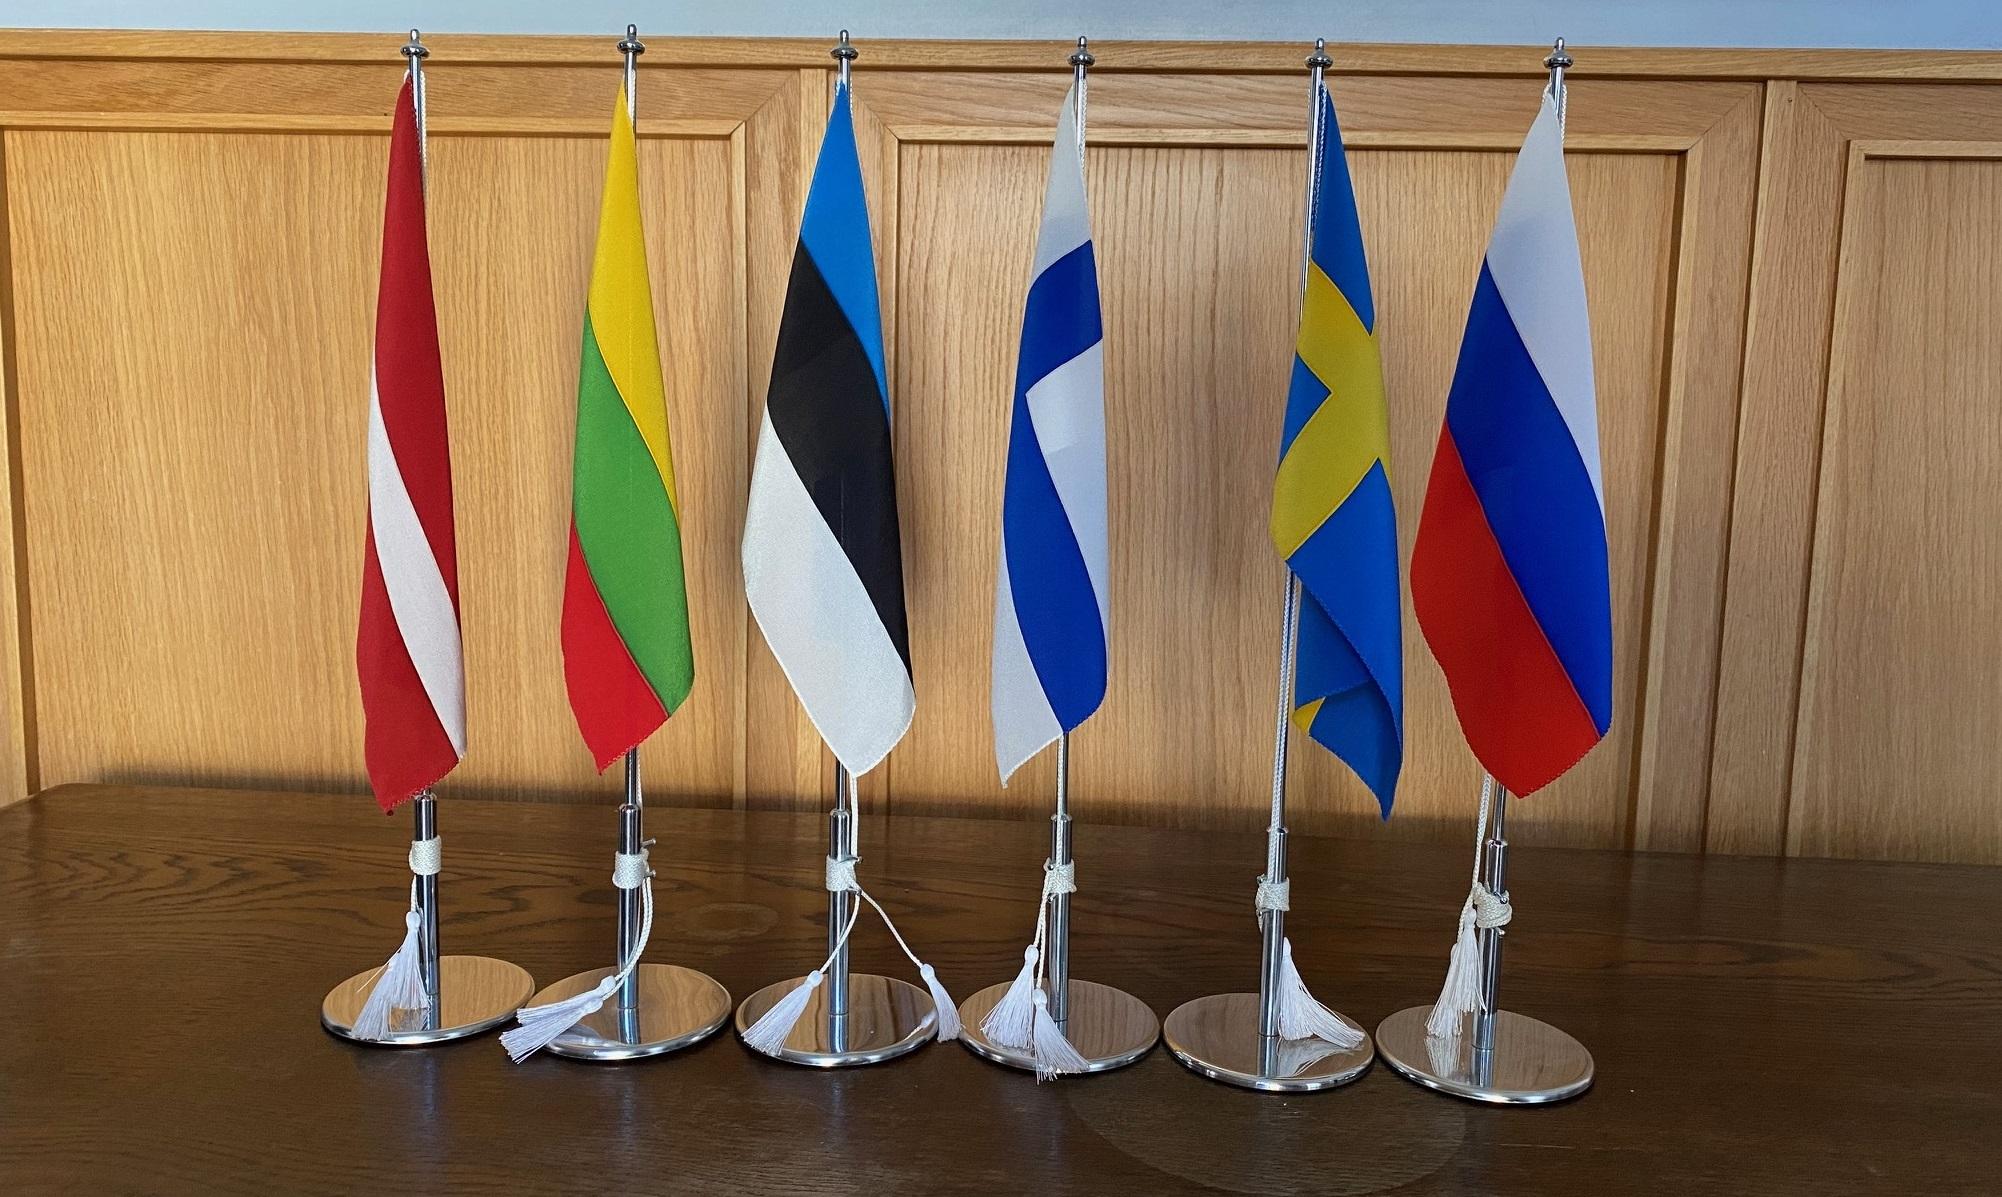 GAG sõpruskoolide rahvusvaheline reaalainete olümpiaad Riia-Vilnius-Tallinn-Helsinki-Västerås-St Peterburg sai alguse